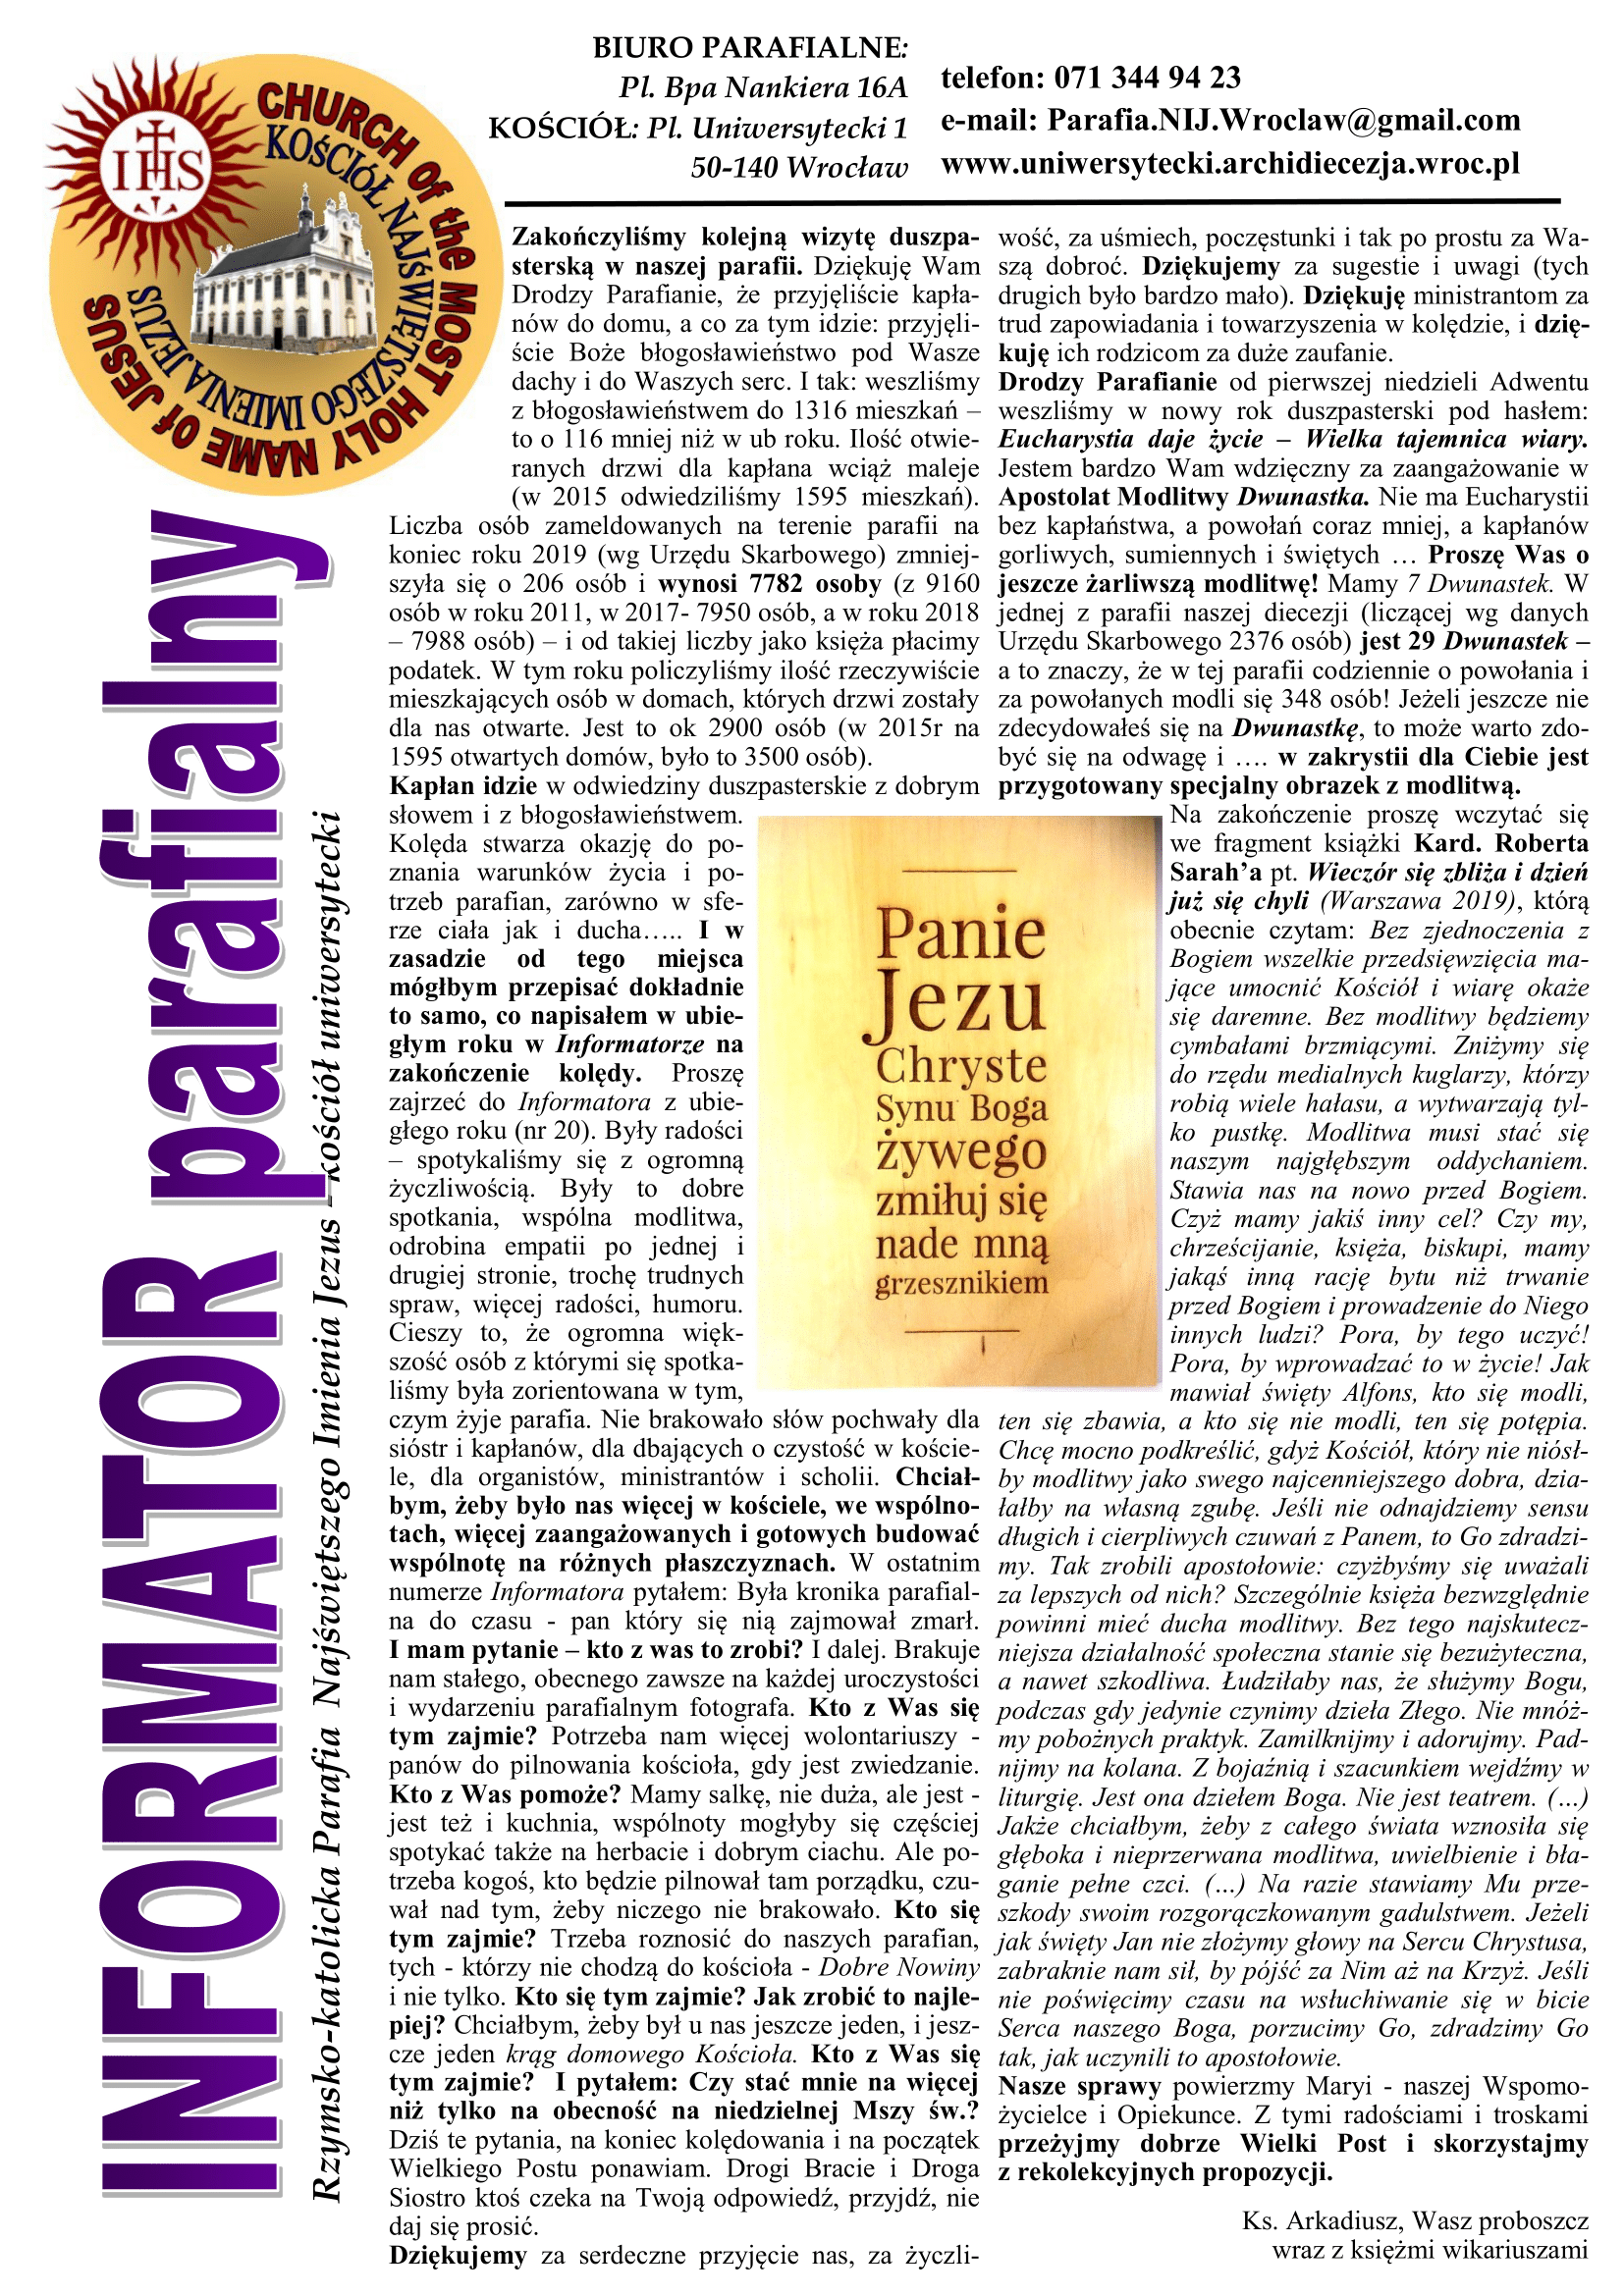 BIULETYN 25 Wielki Post 2020